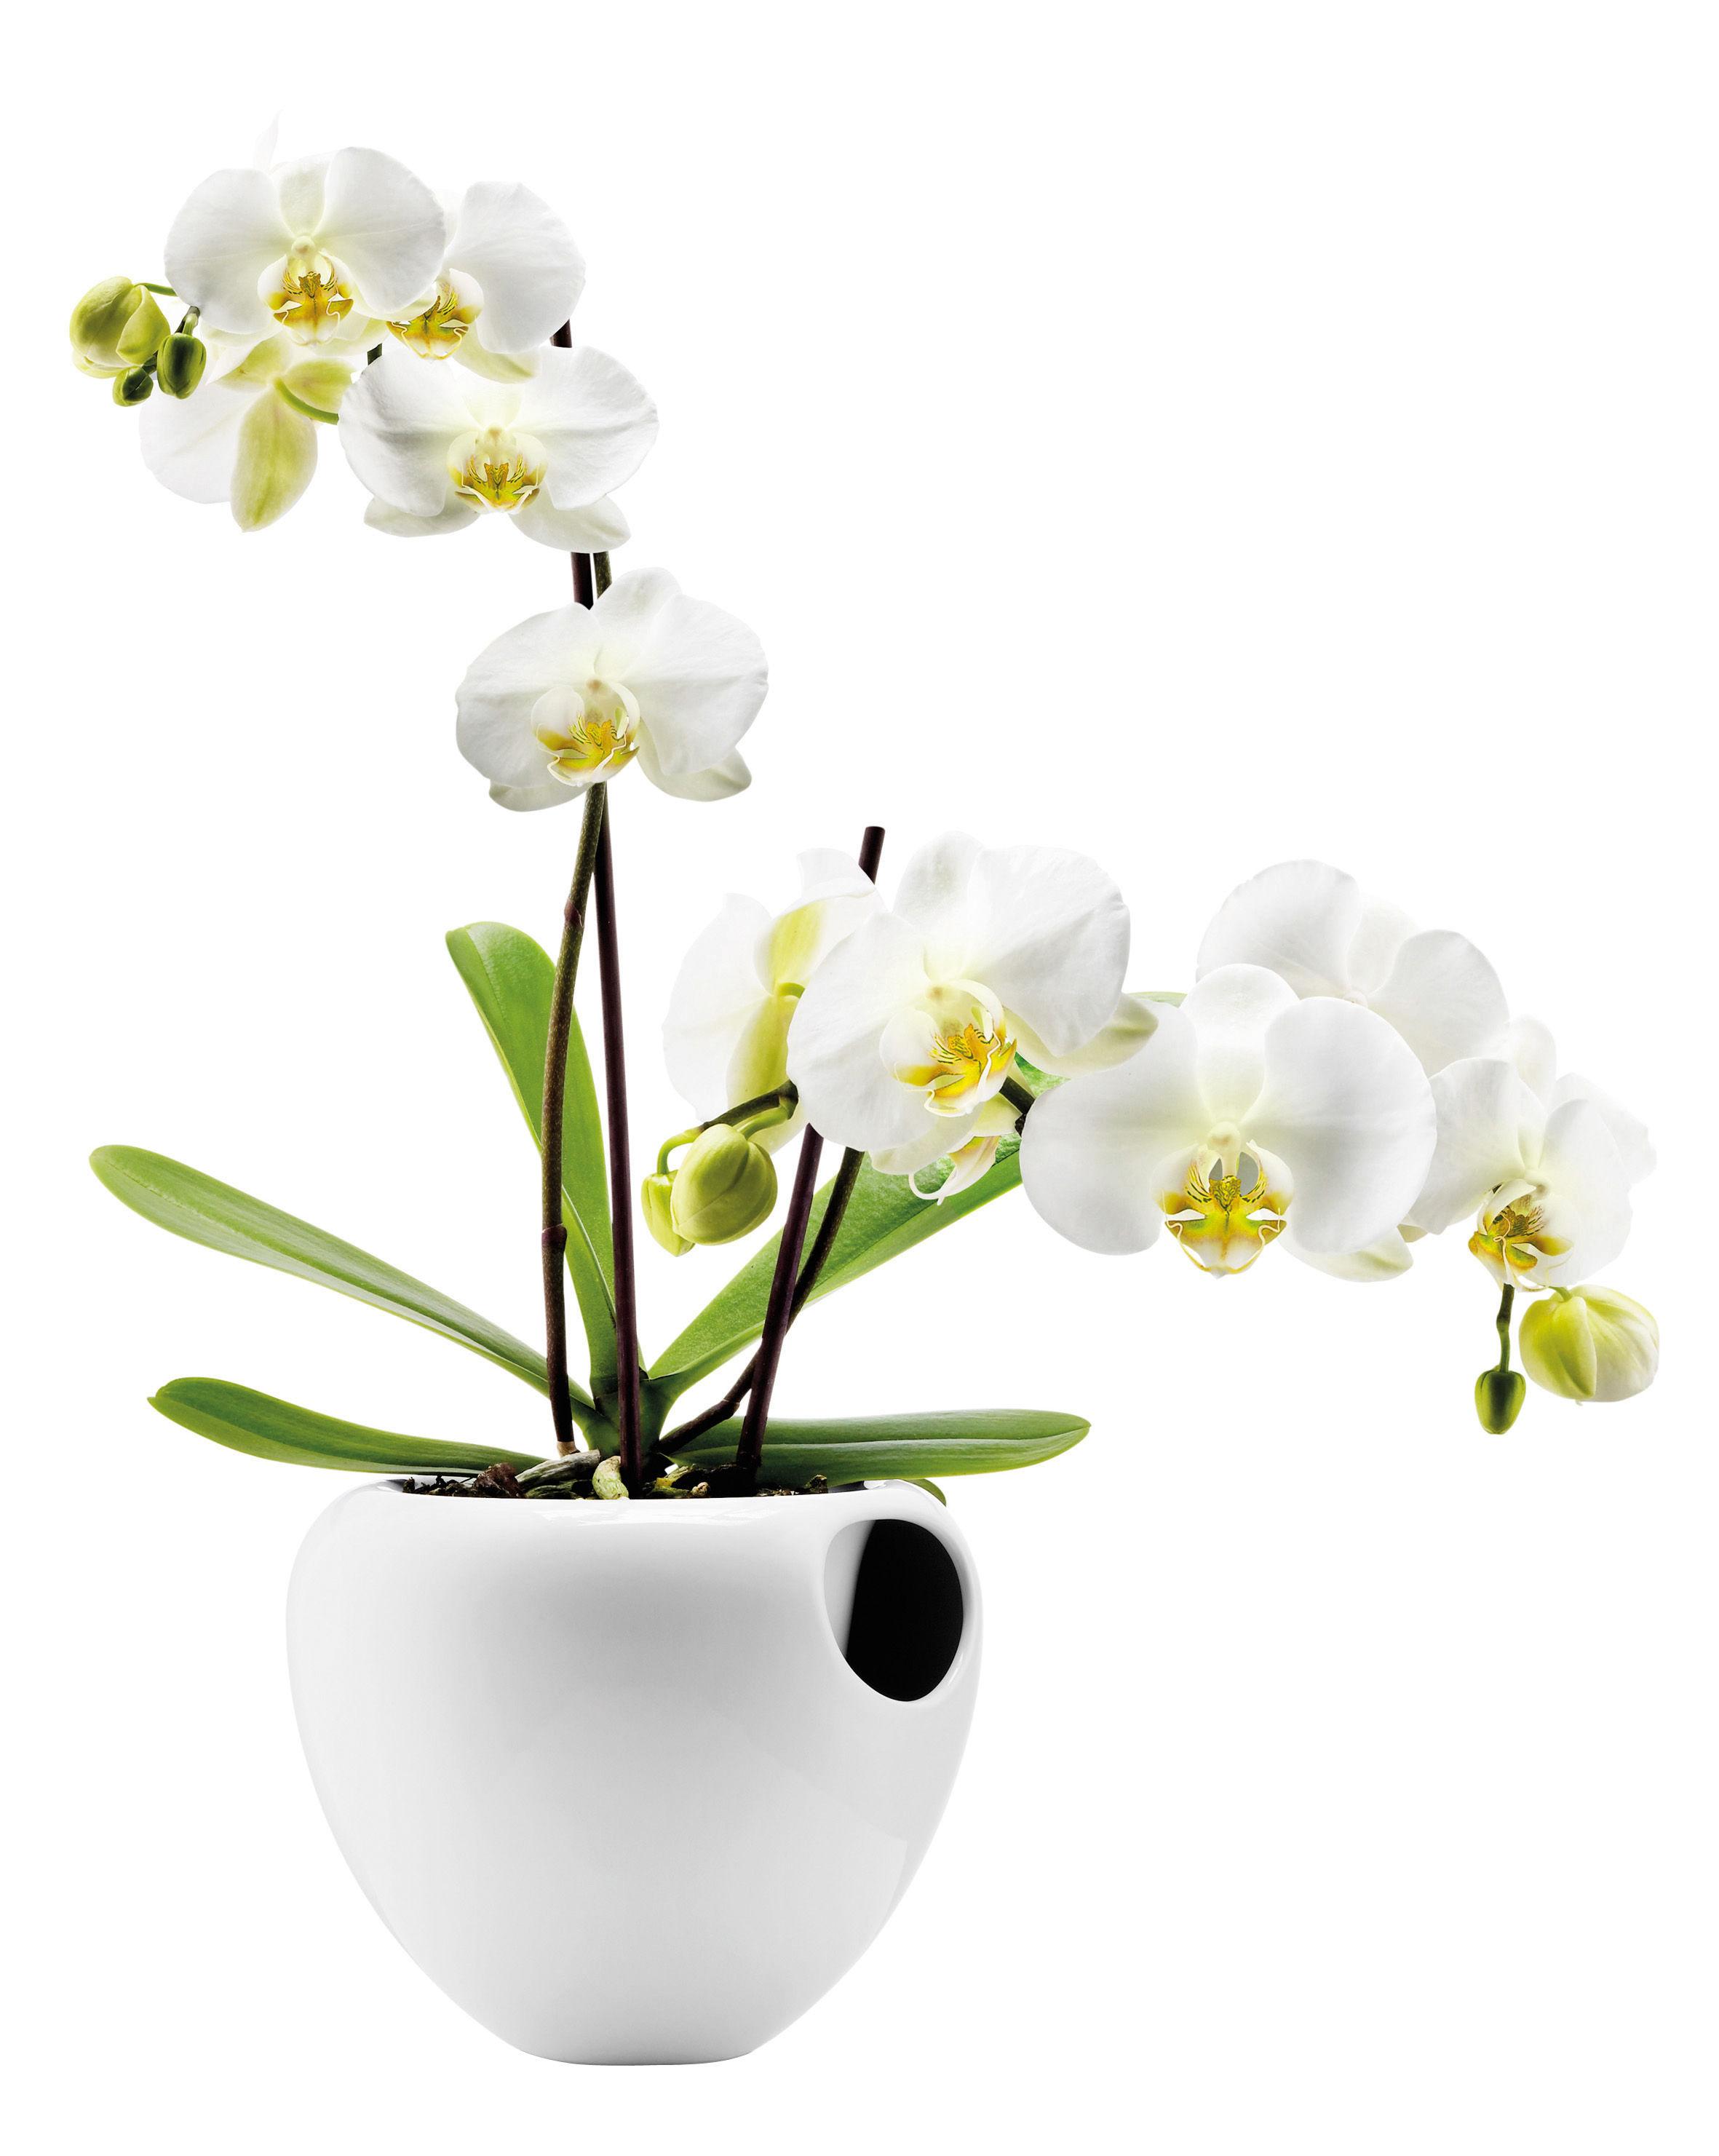 Outdoor - Vasi e Piante - vaso con riserva - per orchidee - Con serbatoio d'acqua di Eva Solo - Bianco - Maiolica